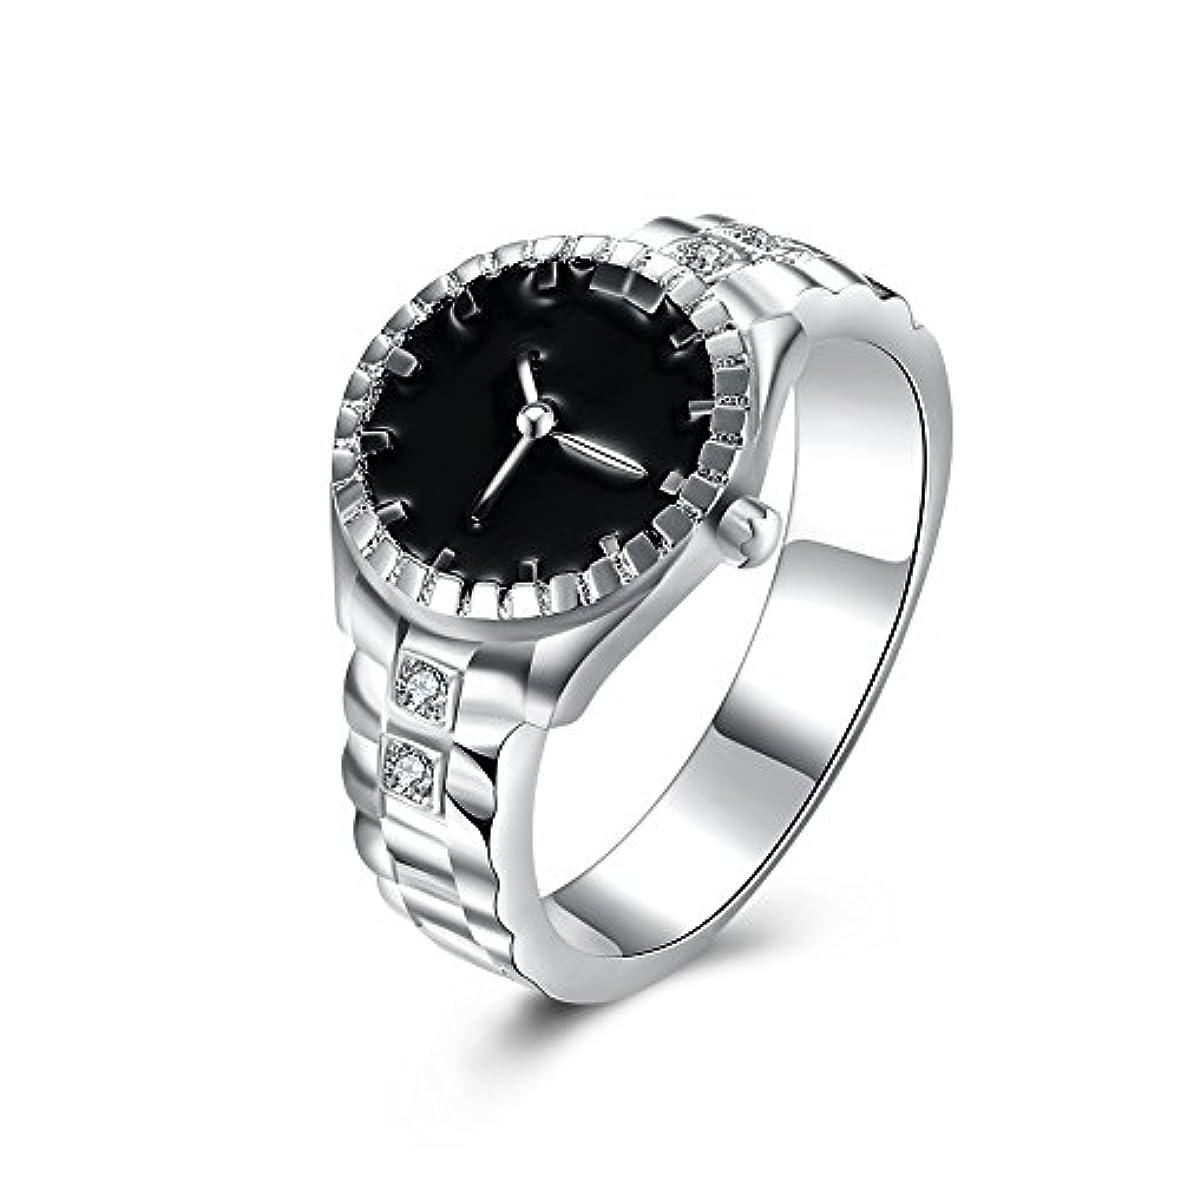 コンサルタントマトリックス塩辛い925スターリングシルバーメッキ時計型ダイヤモンドリングファッションジュエリー周年記念ギフト (マルチカラー)